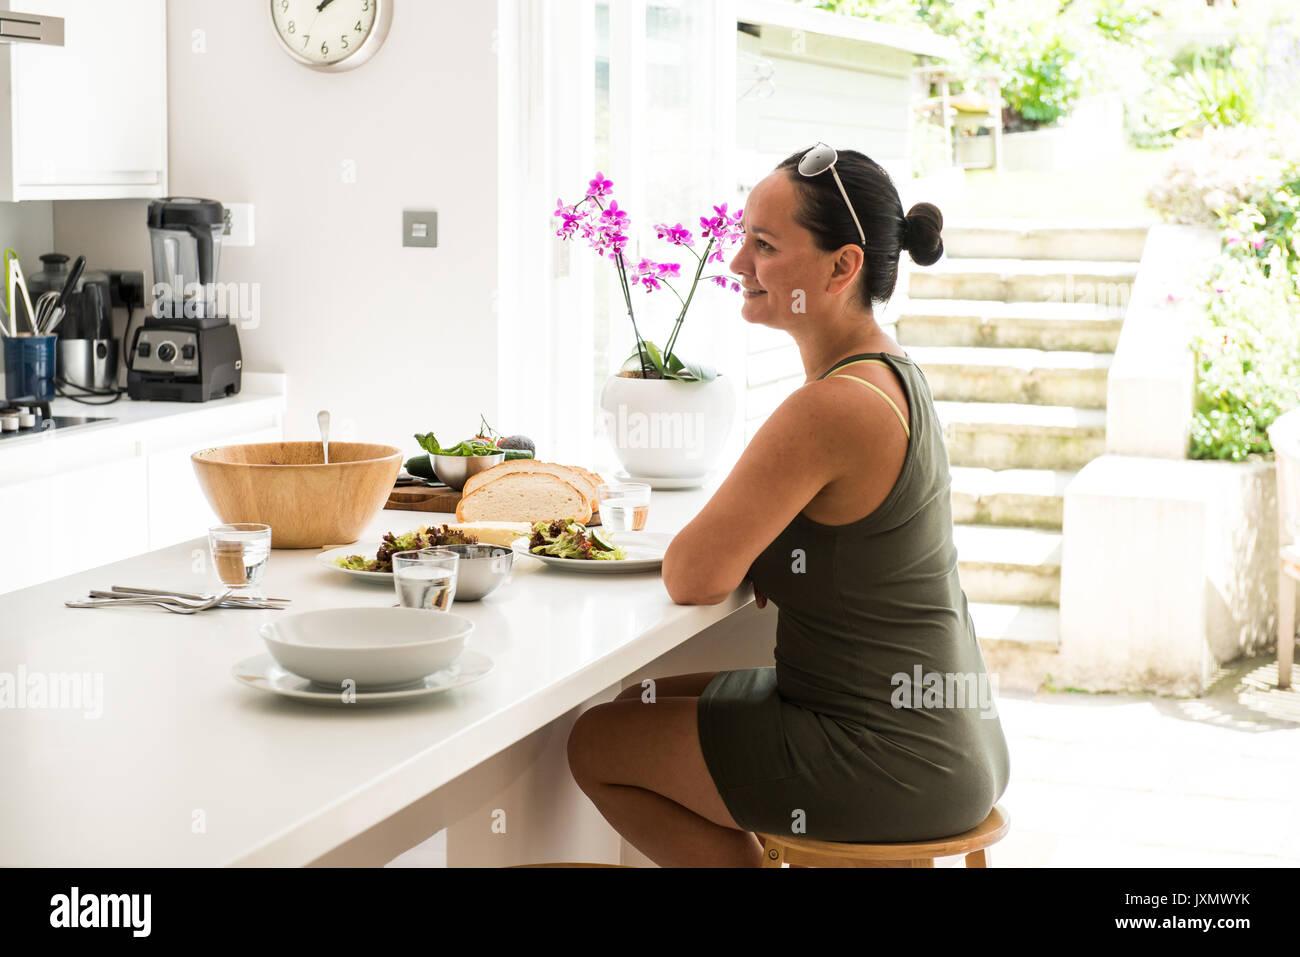 Femme assise à la cuisine île bénéficiant d'un déjeuner salade Photo Stock